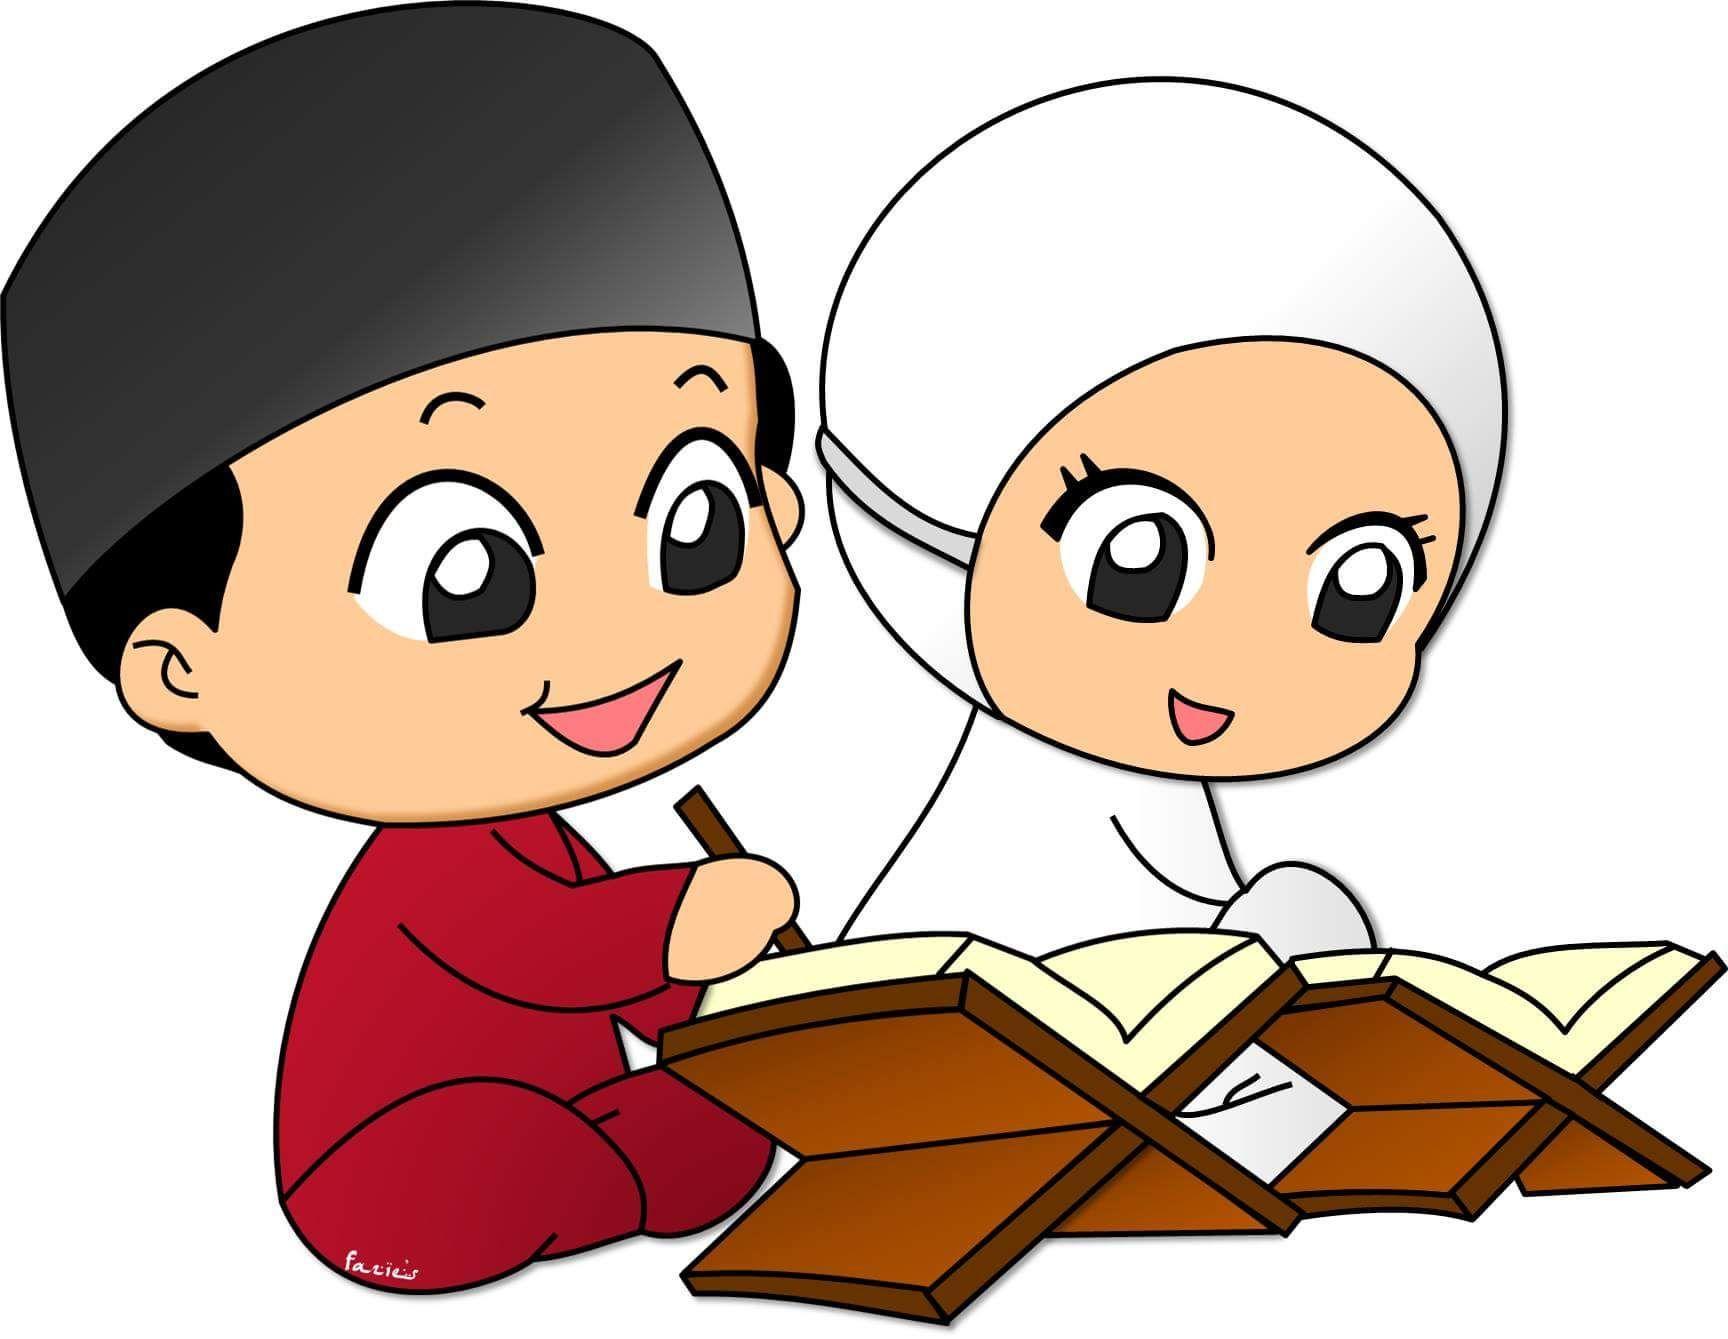 Gambar Kartun Anak Muslim Vector